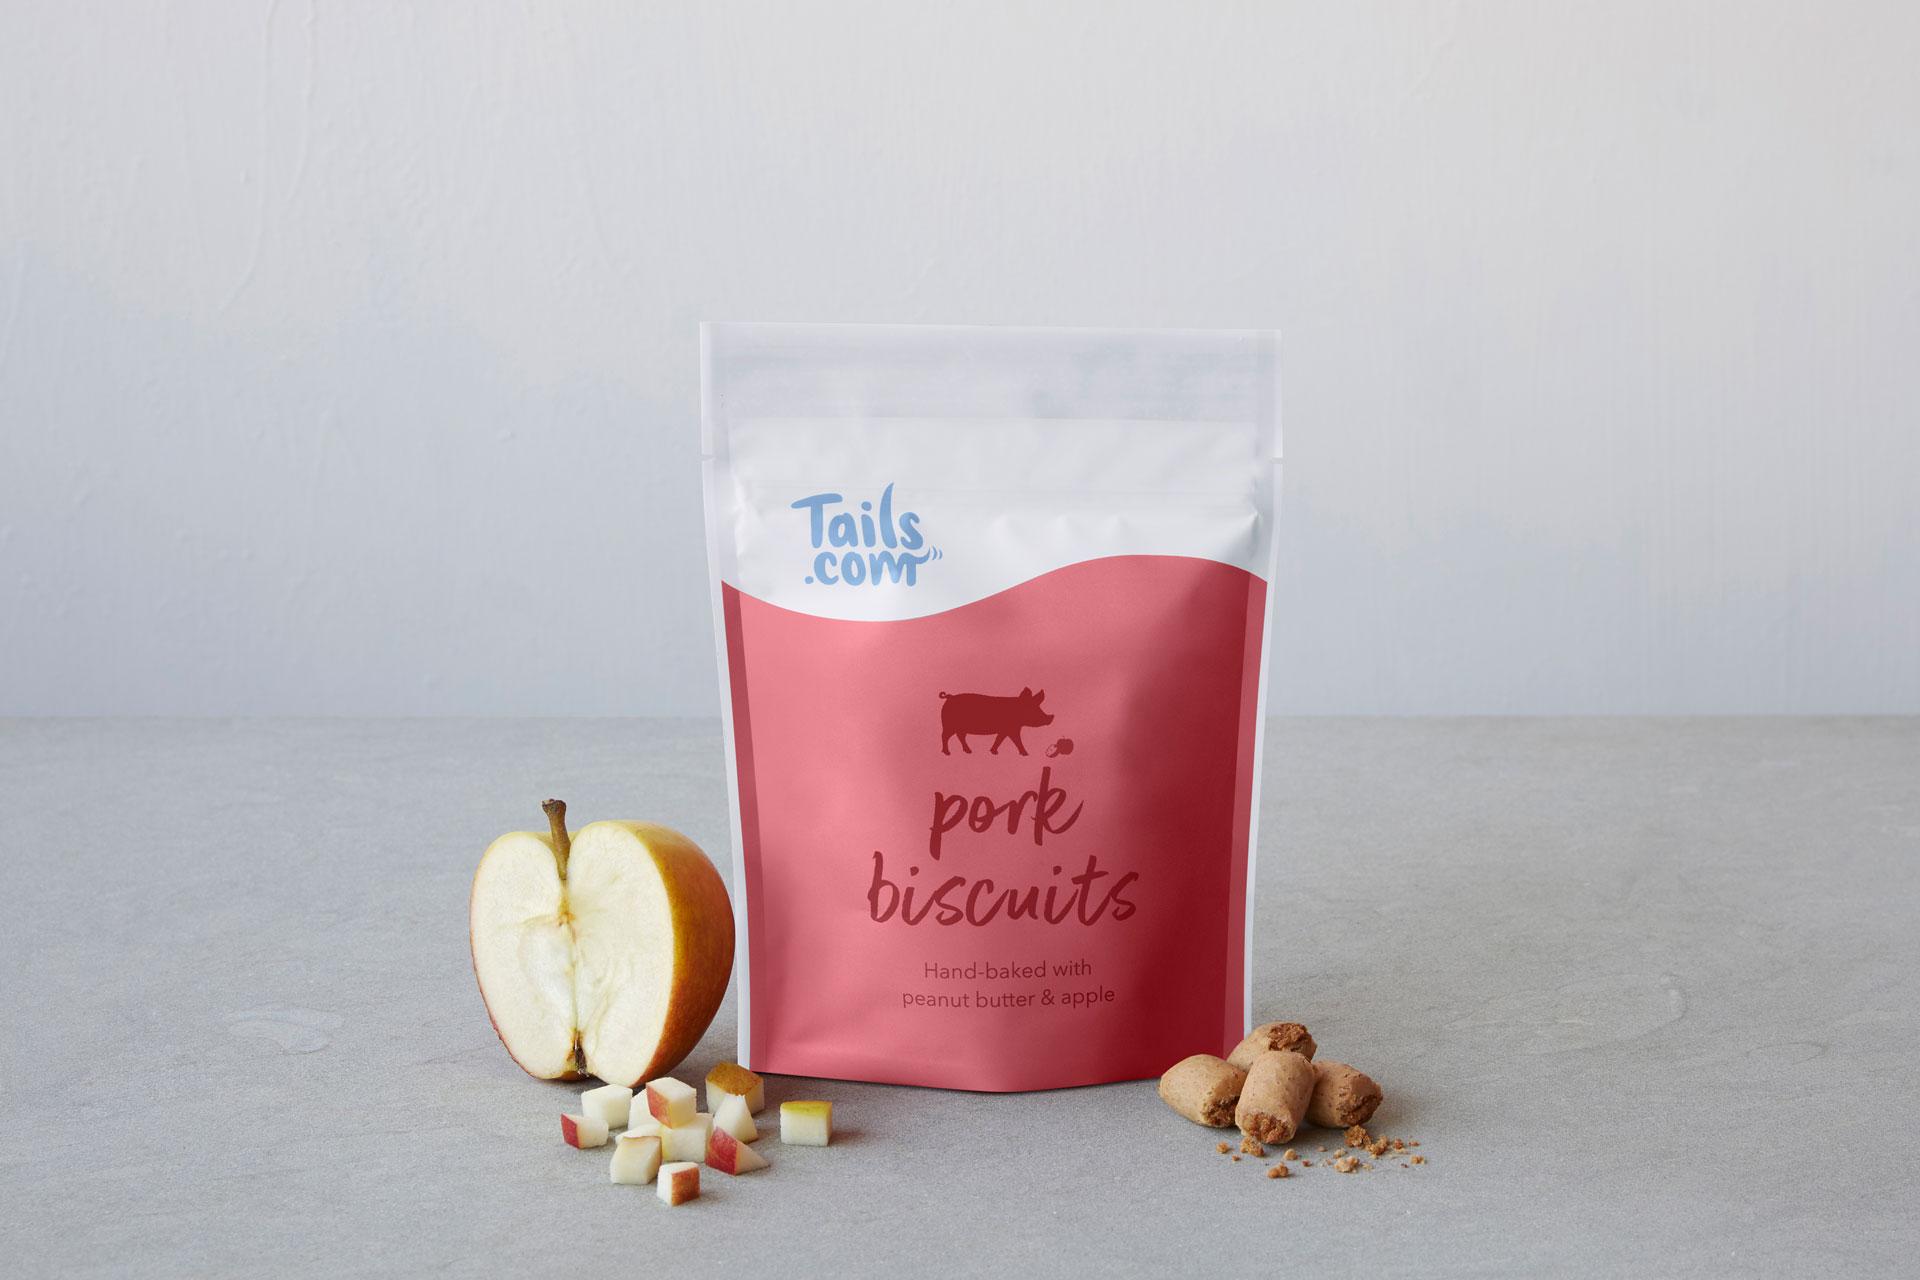 Tails-Pork-1920-1080-2.jpg